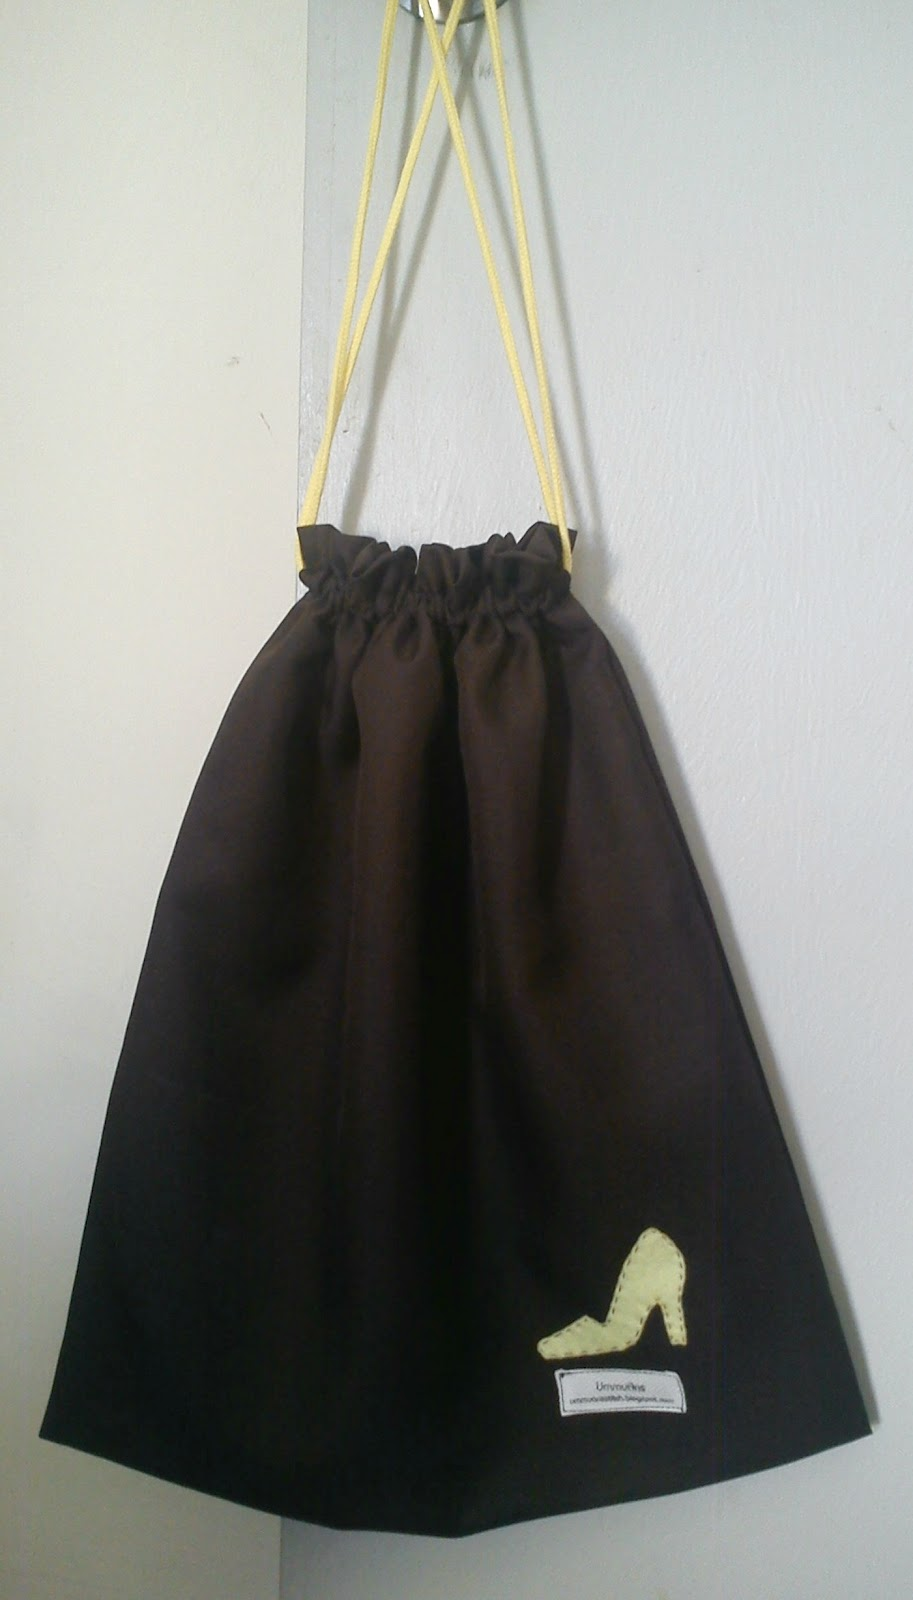 Ummuans Beg Kasut Dan Uncang Batu Untuk Jemaah Haji